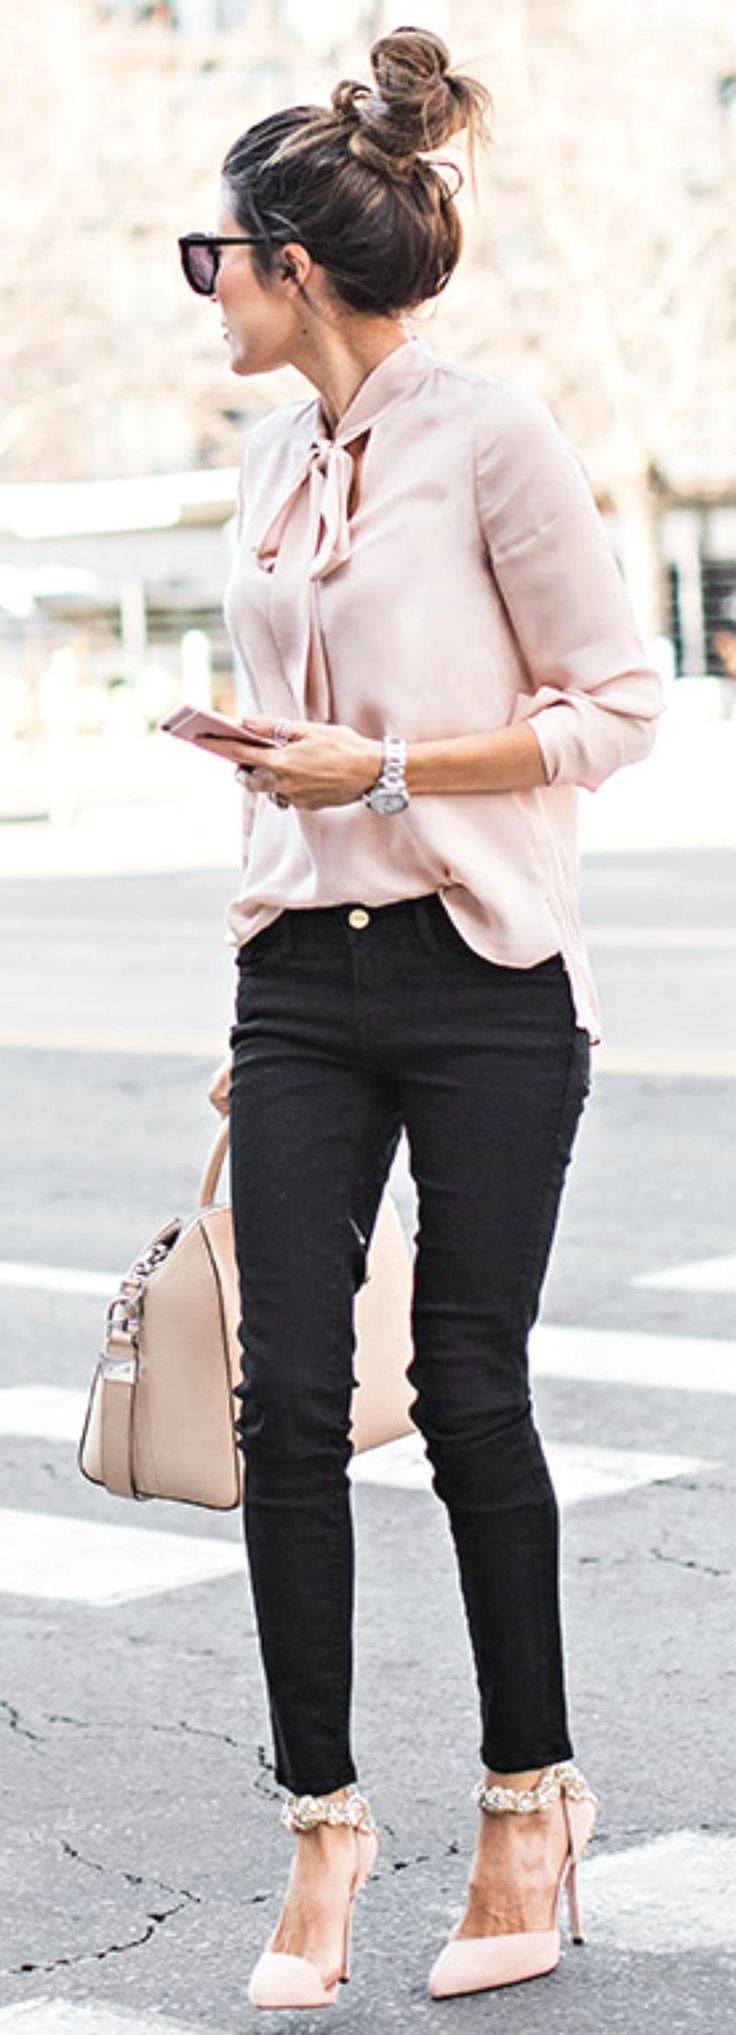 j'aime la combinaison rose pale et noir : la blouse est superbe selon moi, je n'ai rien de ce genre